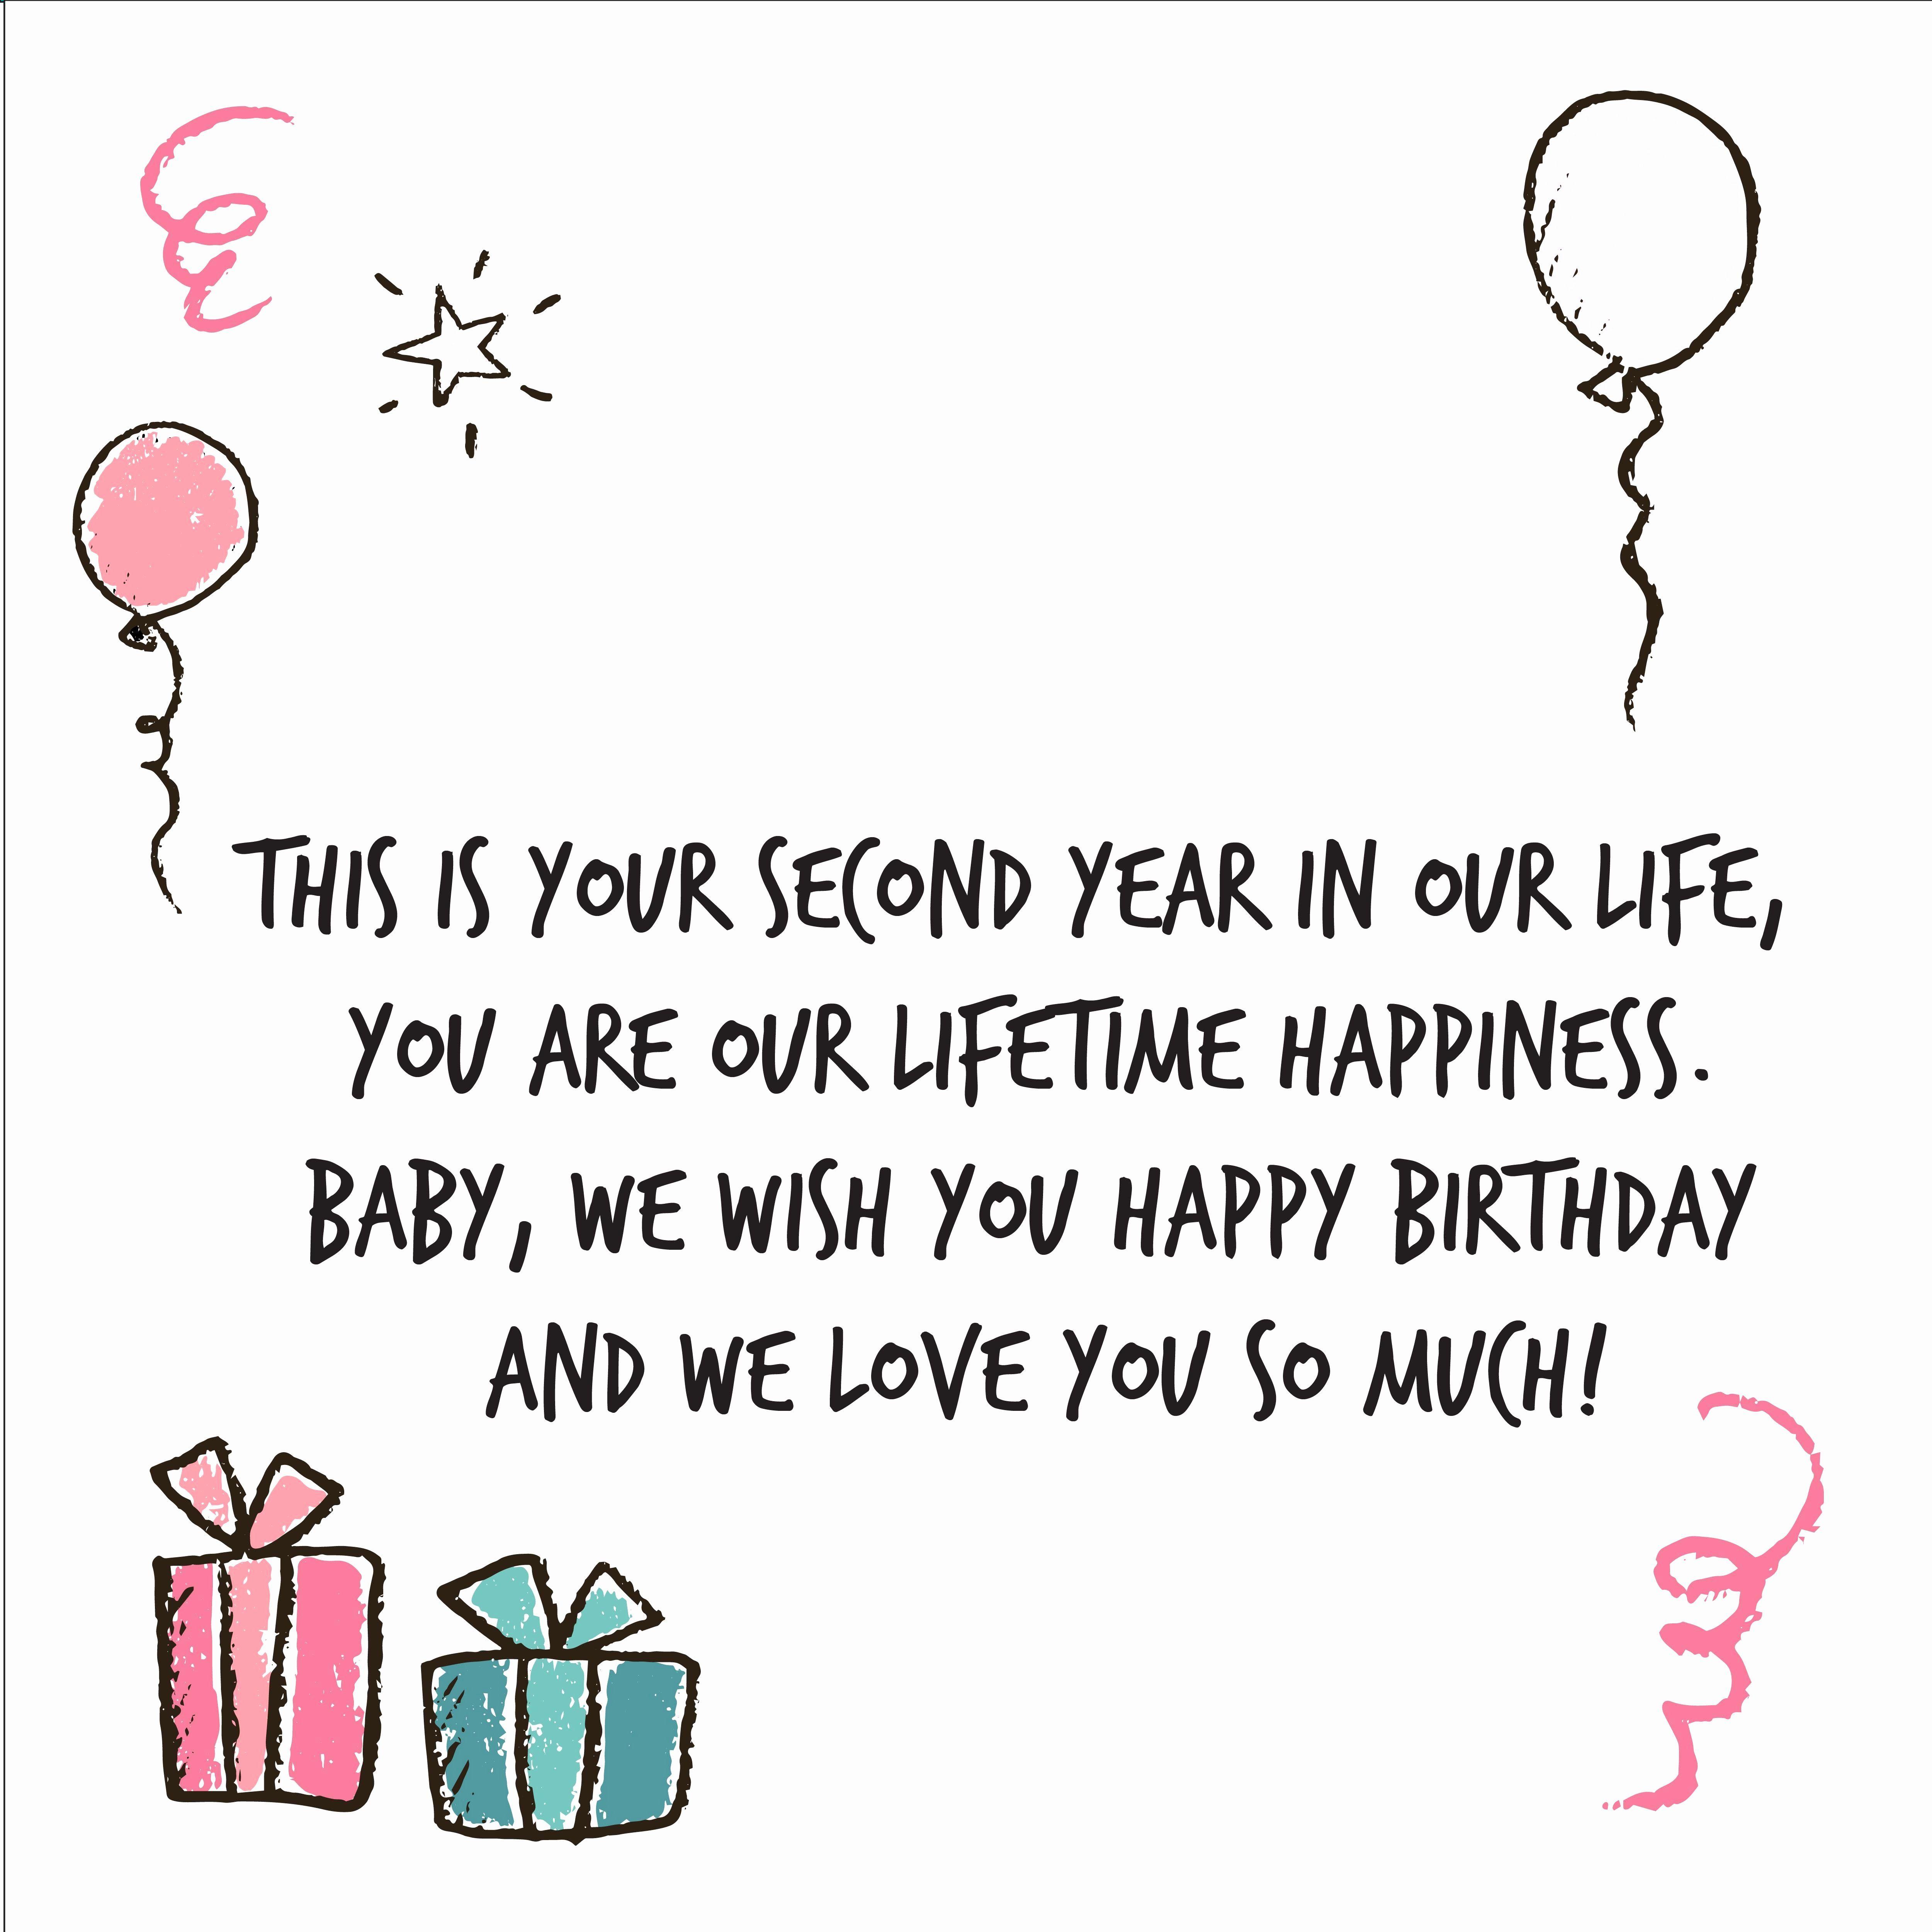 2nd Birthday Wishes Beautiful 2nd Birthday Wishes In 2021 Birthday Wishes For Daughter Wishes For Daughter Happy 2nd Birthday